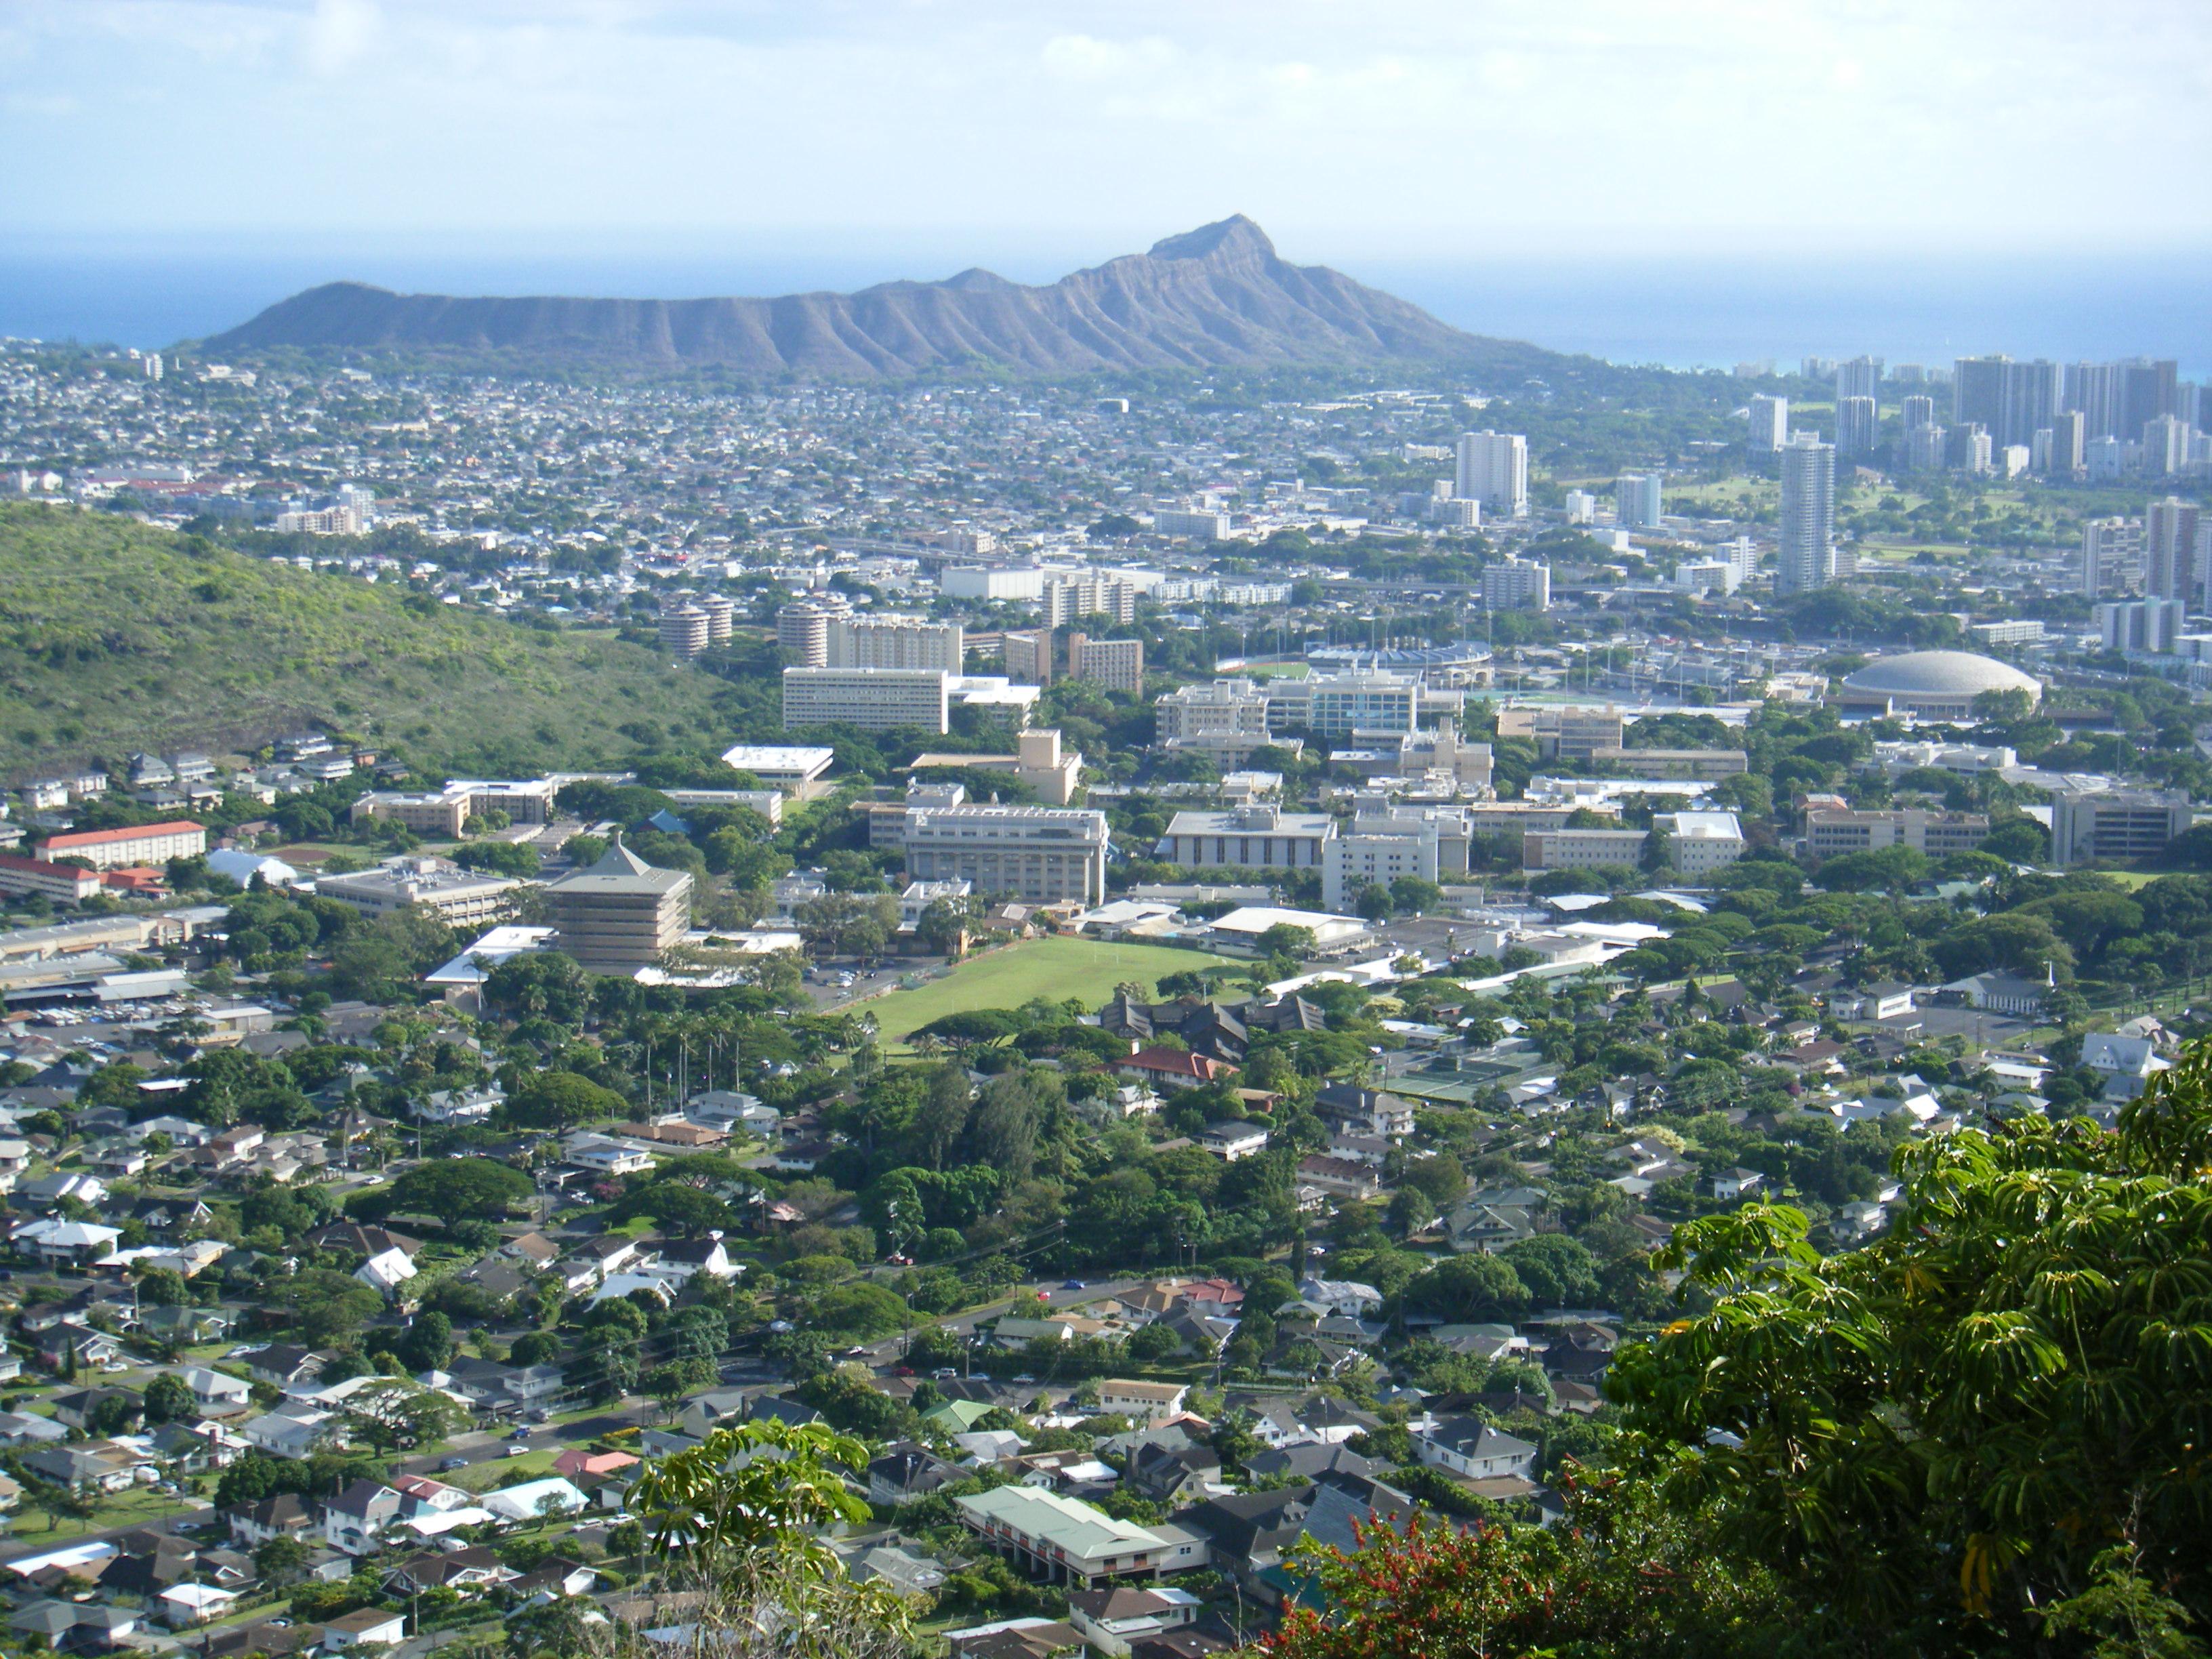 image of University of Hawaii at Manoa